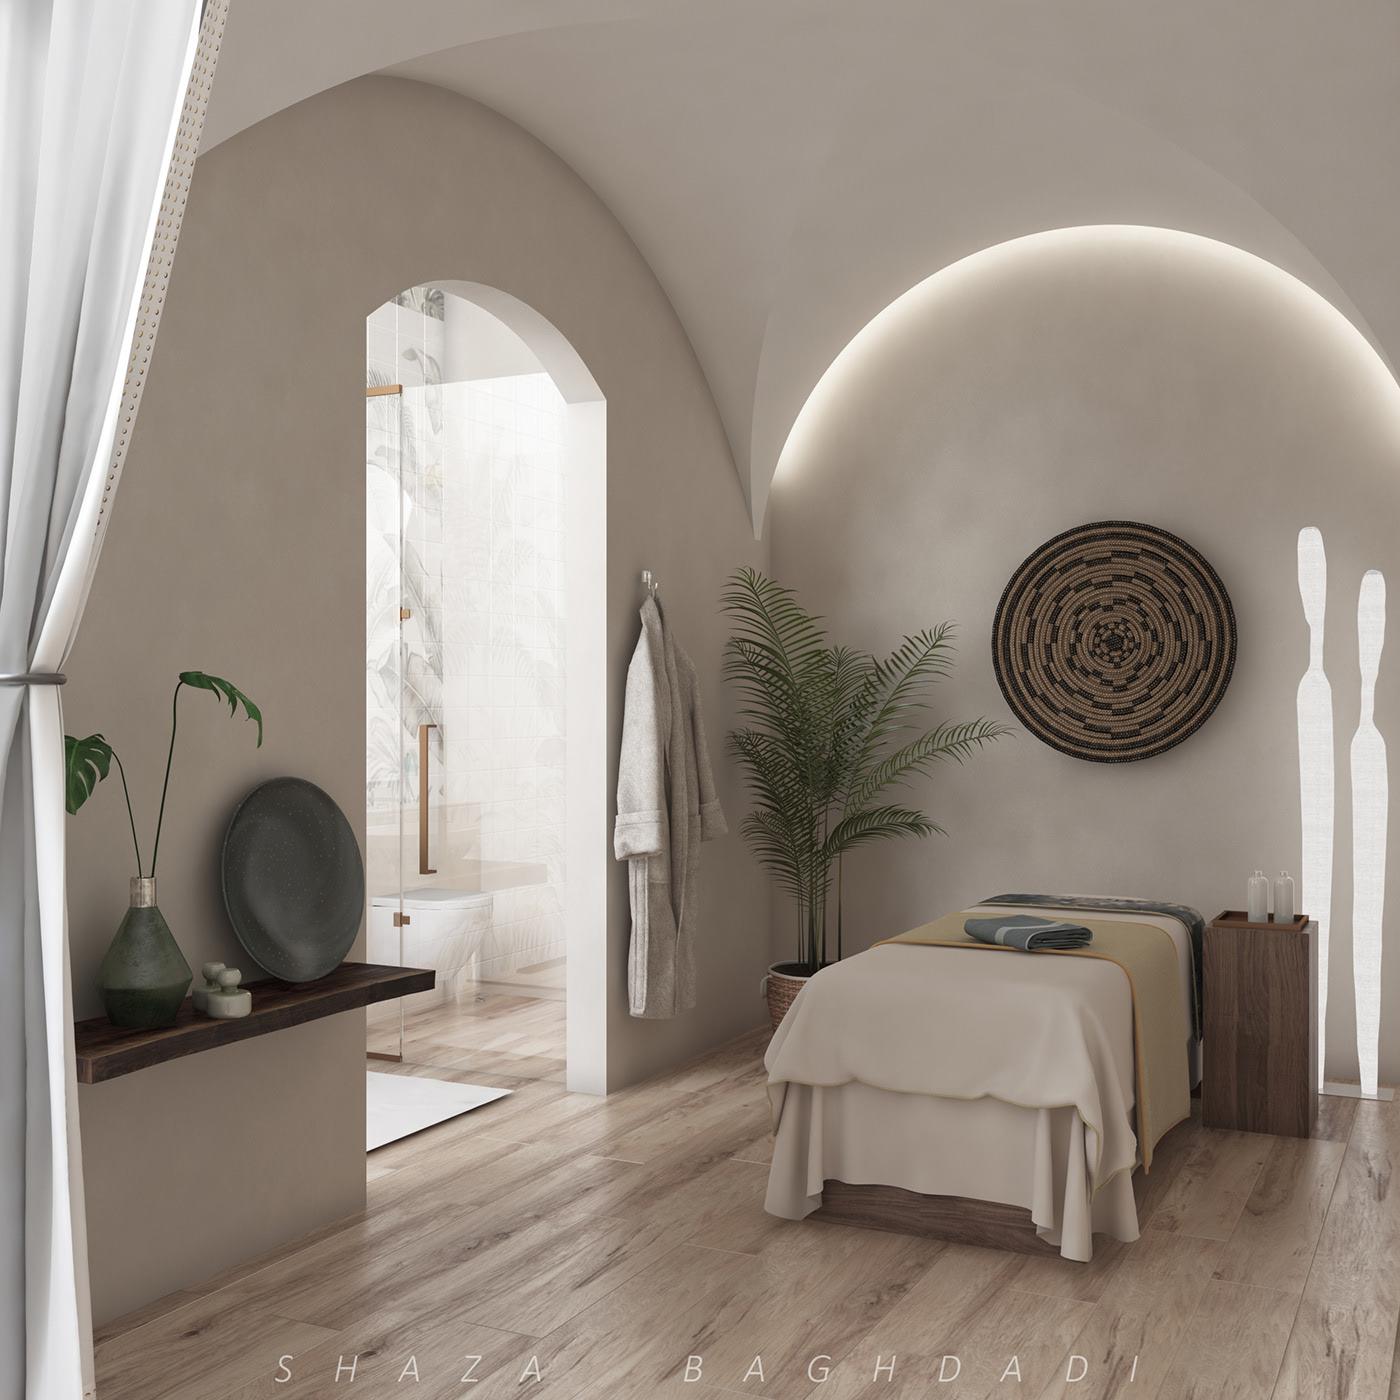 Thiết kế spa nhỏ đẹp: 10 ý tưởng độc đáo cho spa mini